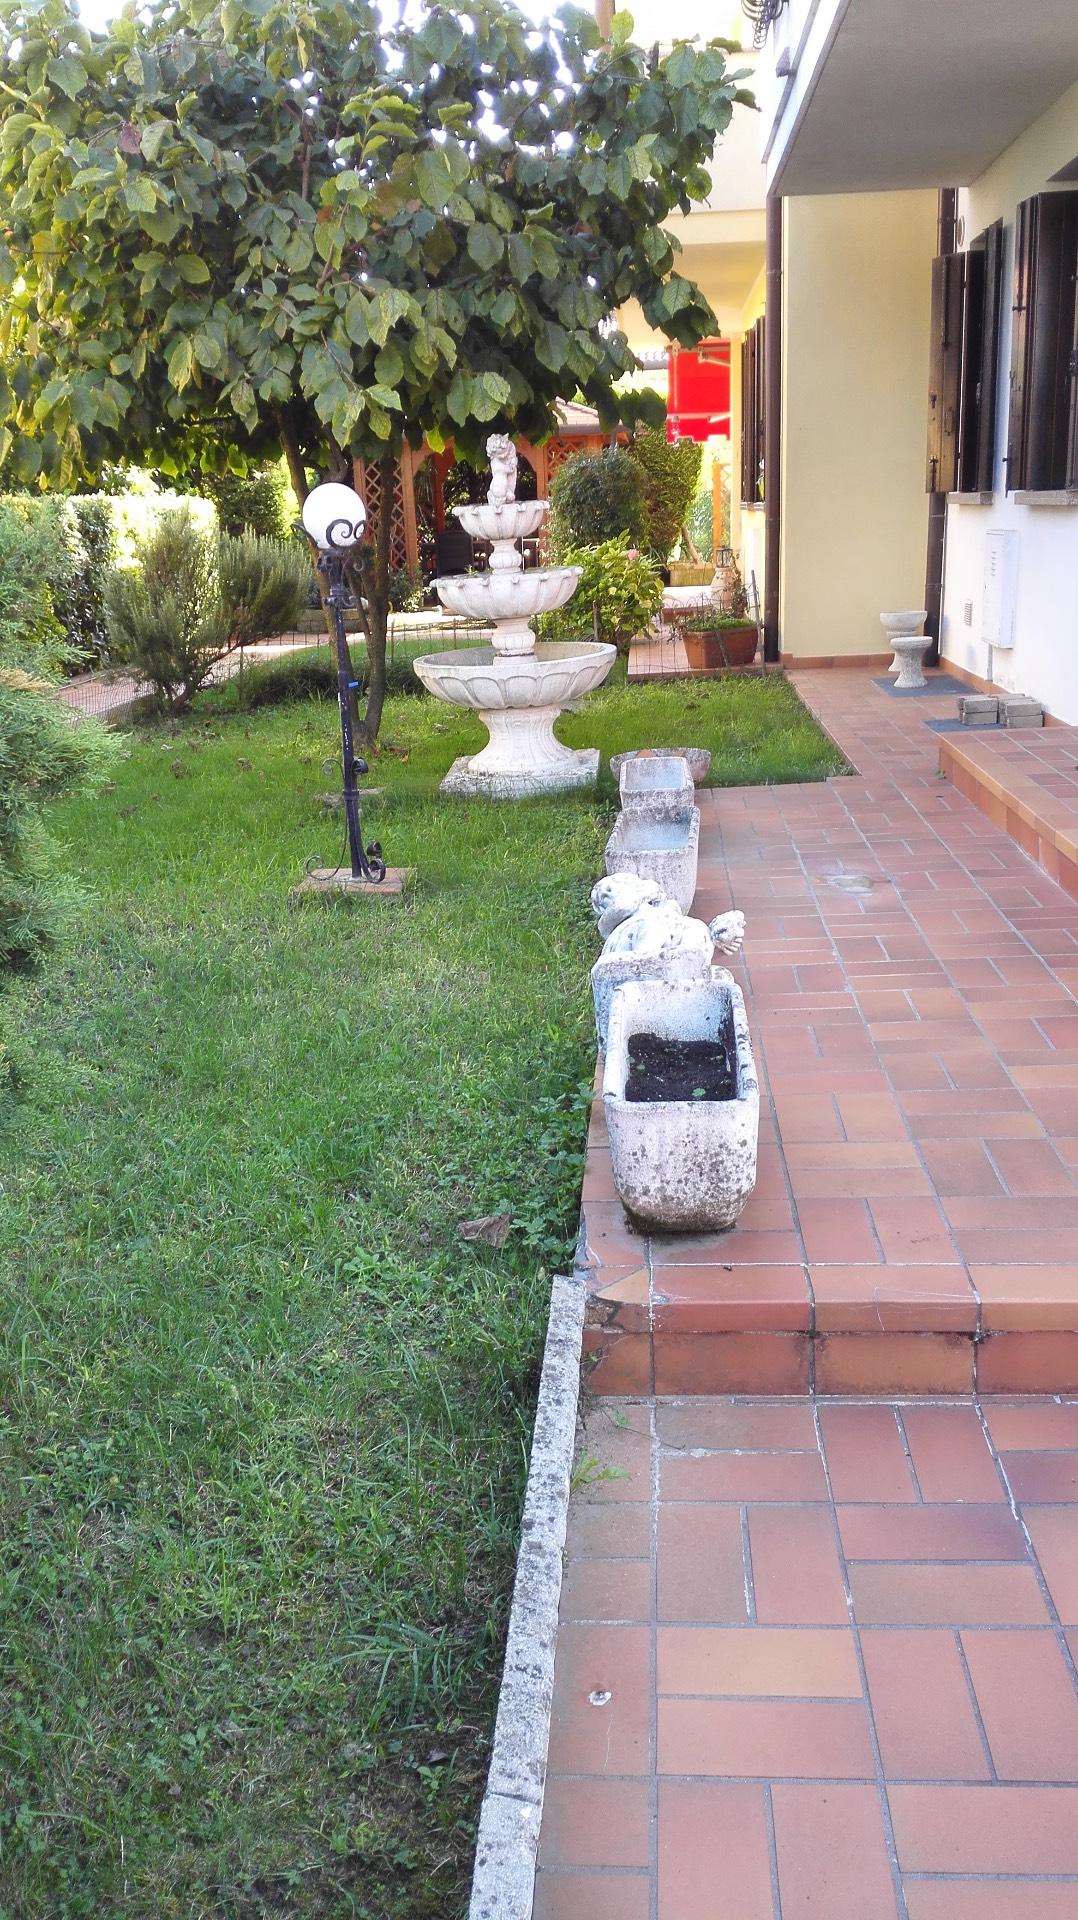 Villa Bifamiliare in vendita a Mareno di Piave, 5 locali, zona Località: BoccadiStrada, prezzo € 225.000 | Cambio Casa.it